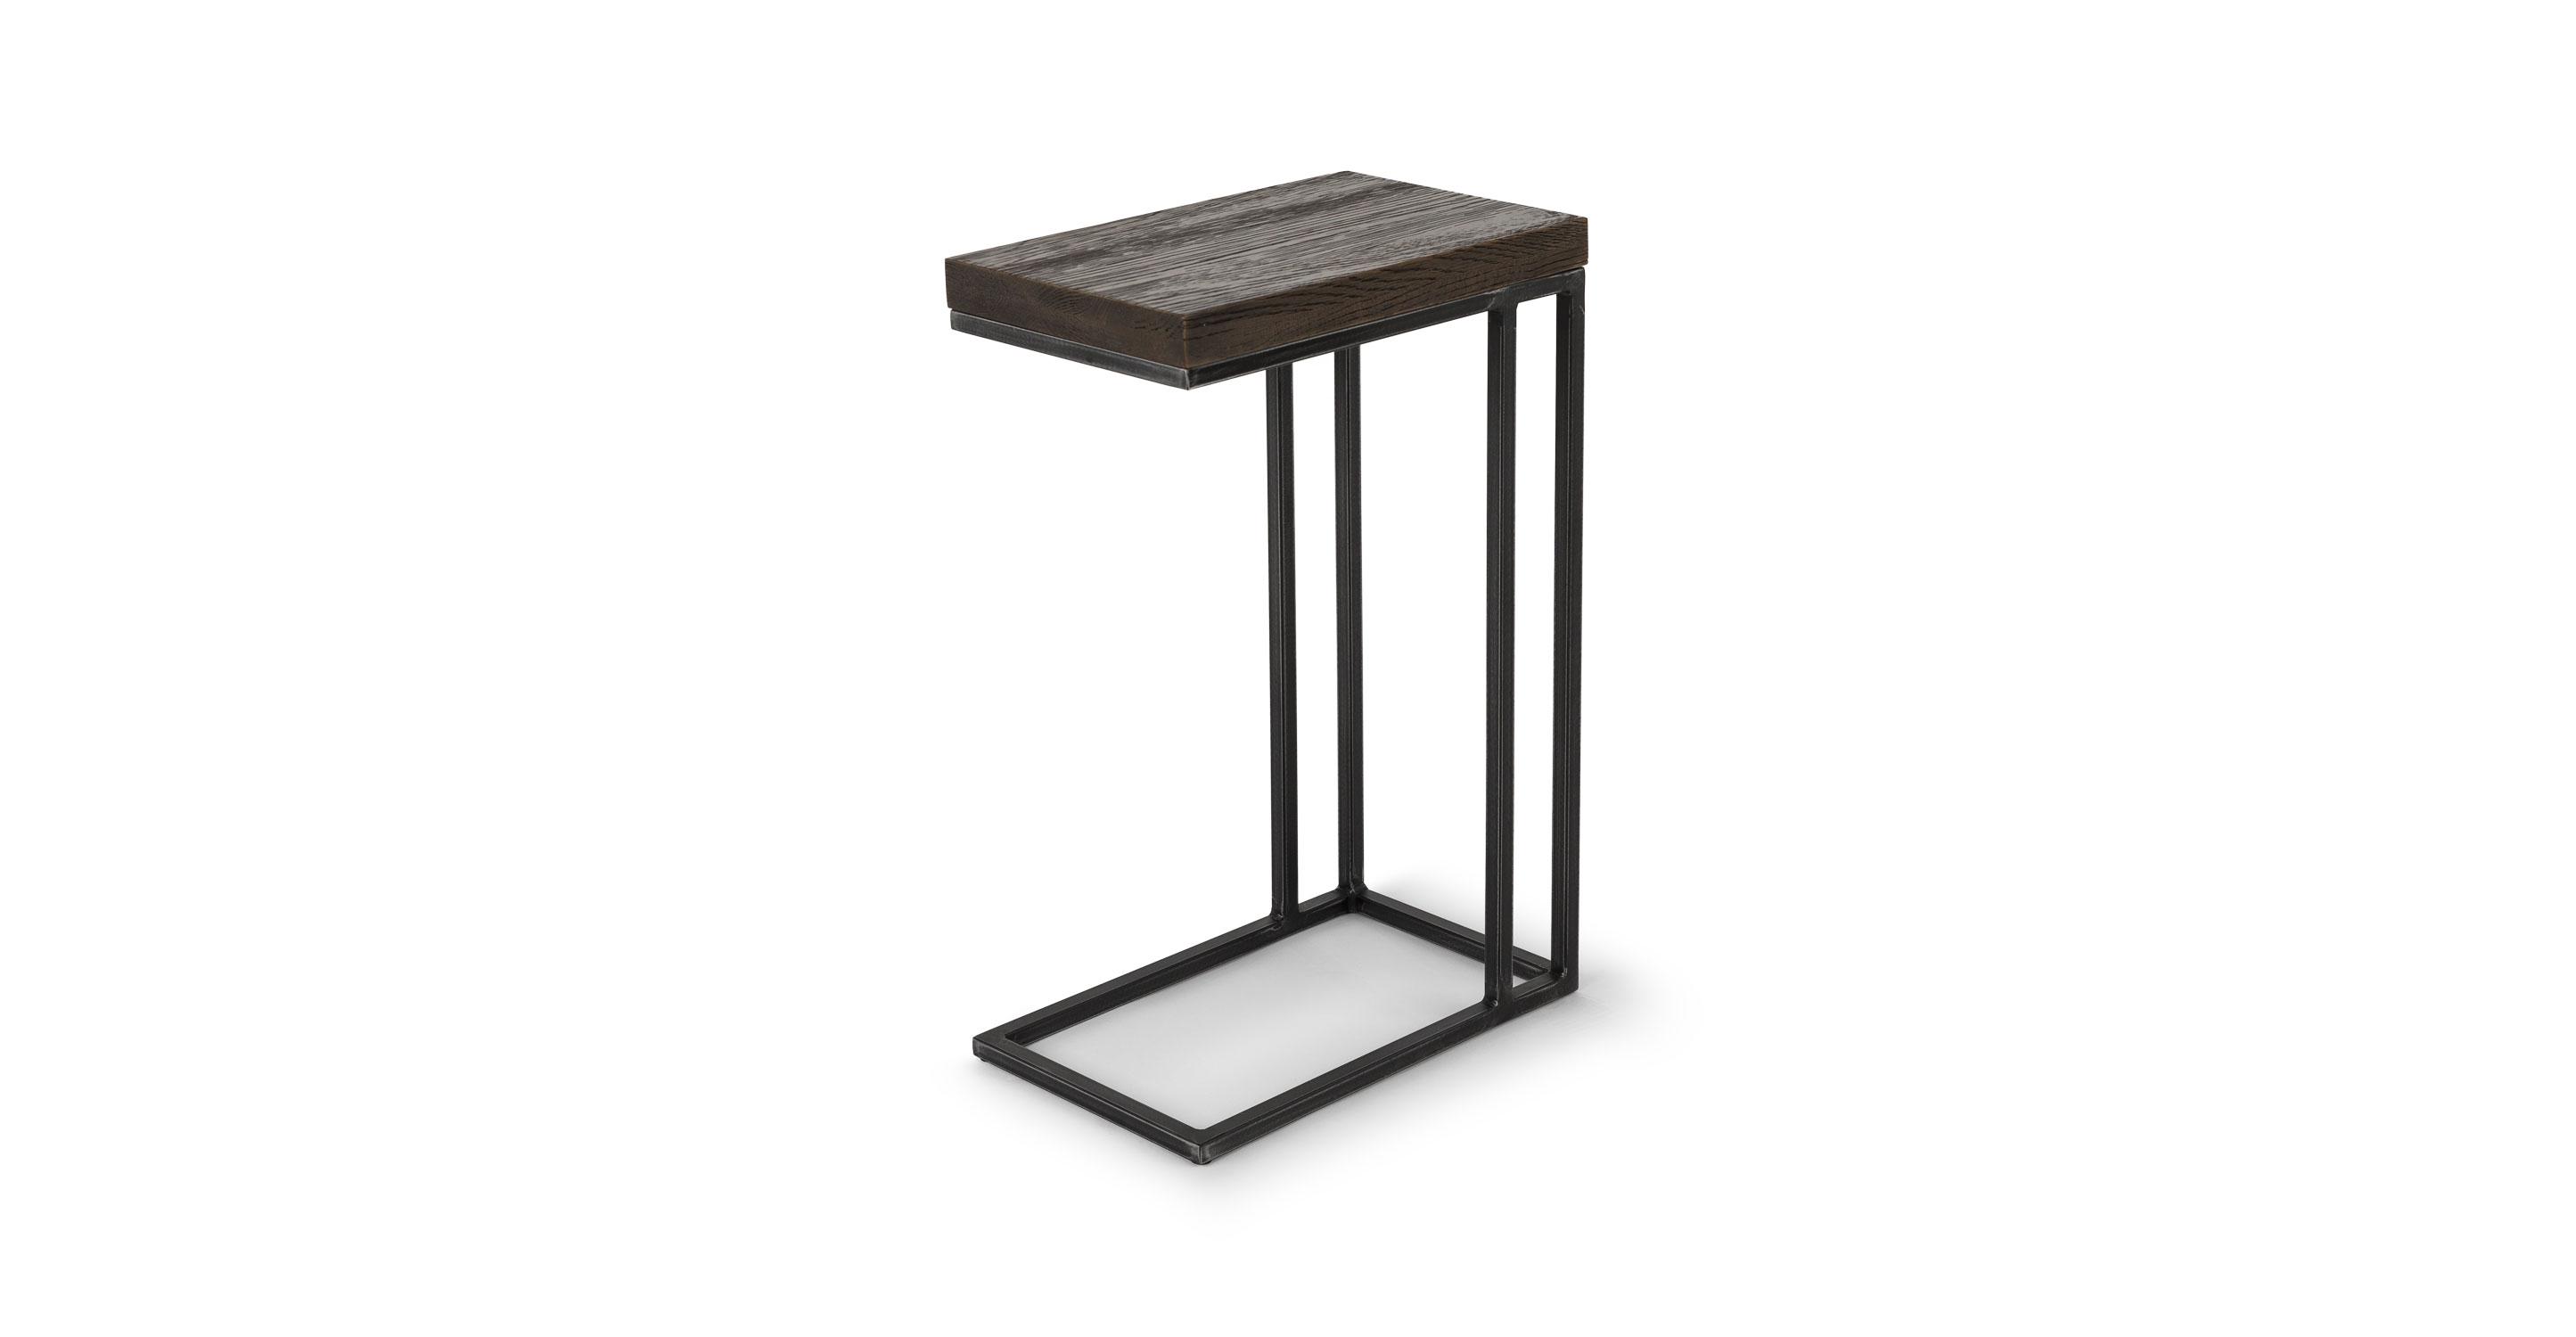 Taiga Smoke Side Table